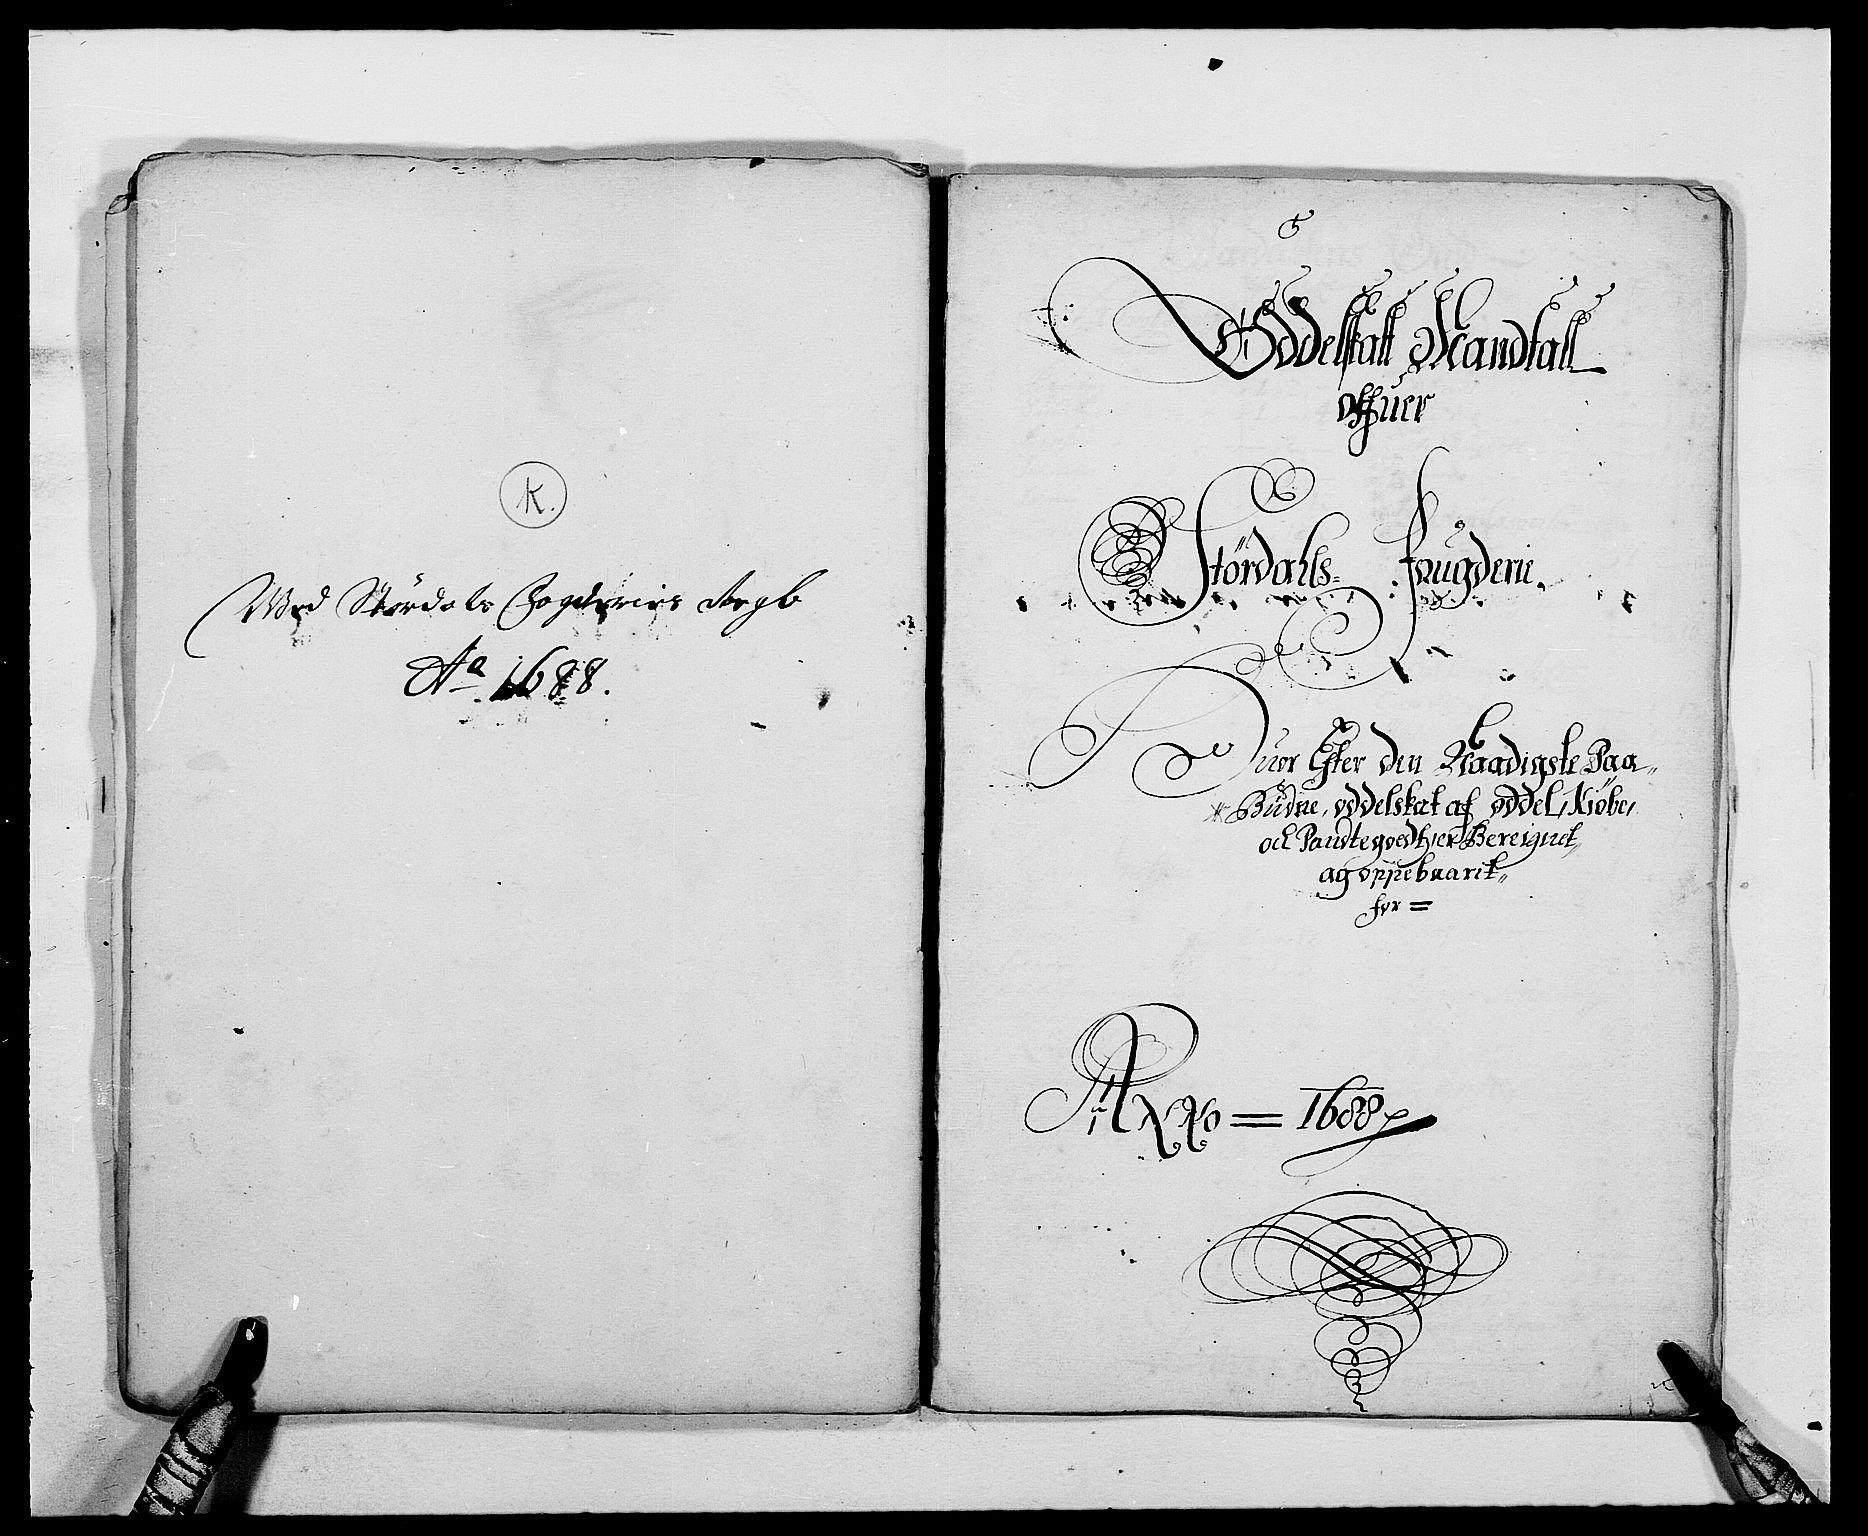 RA, Rentekammeret inntil 1814, Reviderte regnskaper, Fogderegnskap, R62/L4183: Fogderegnskap Stjørdal og Verdal, 1687-1689, s. 223